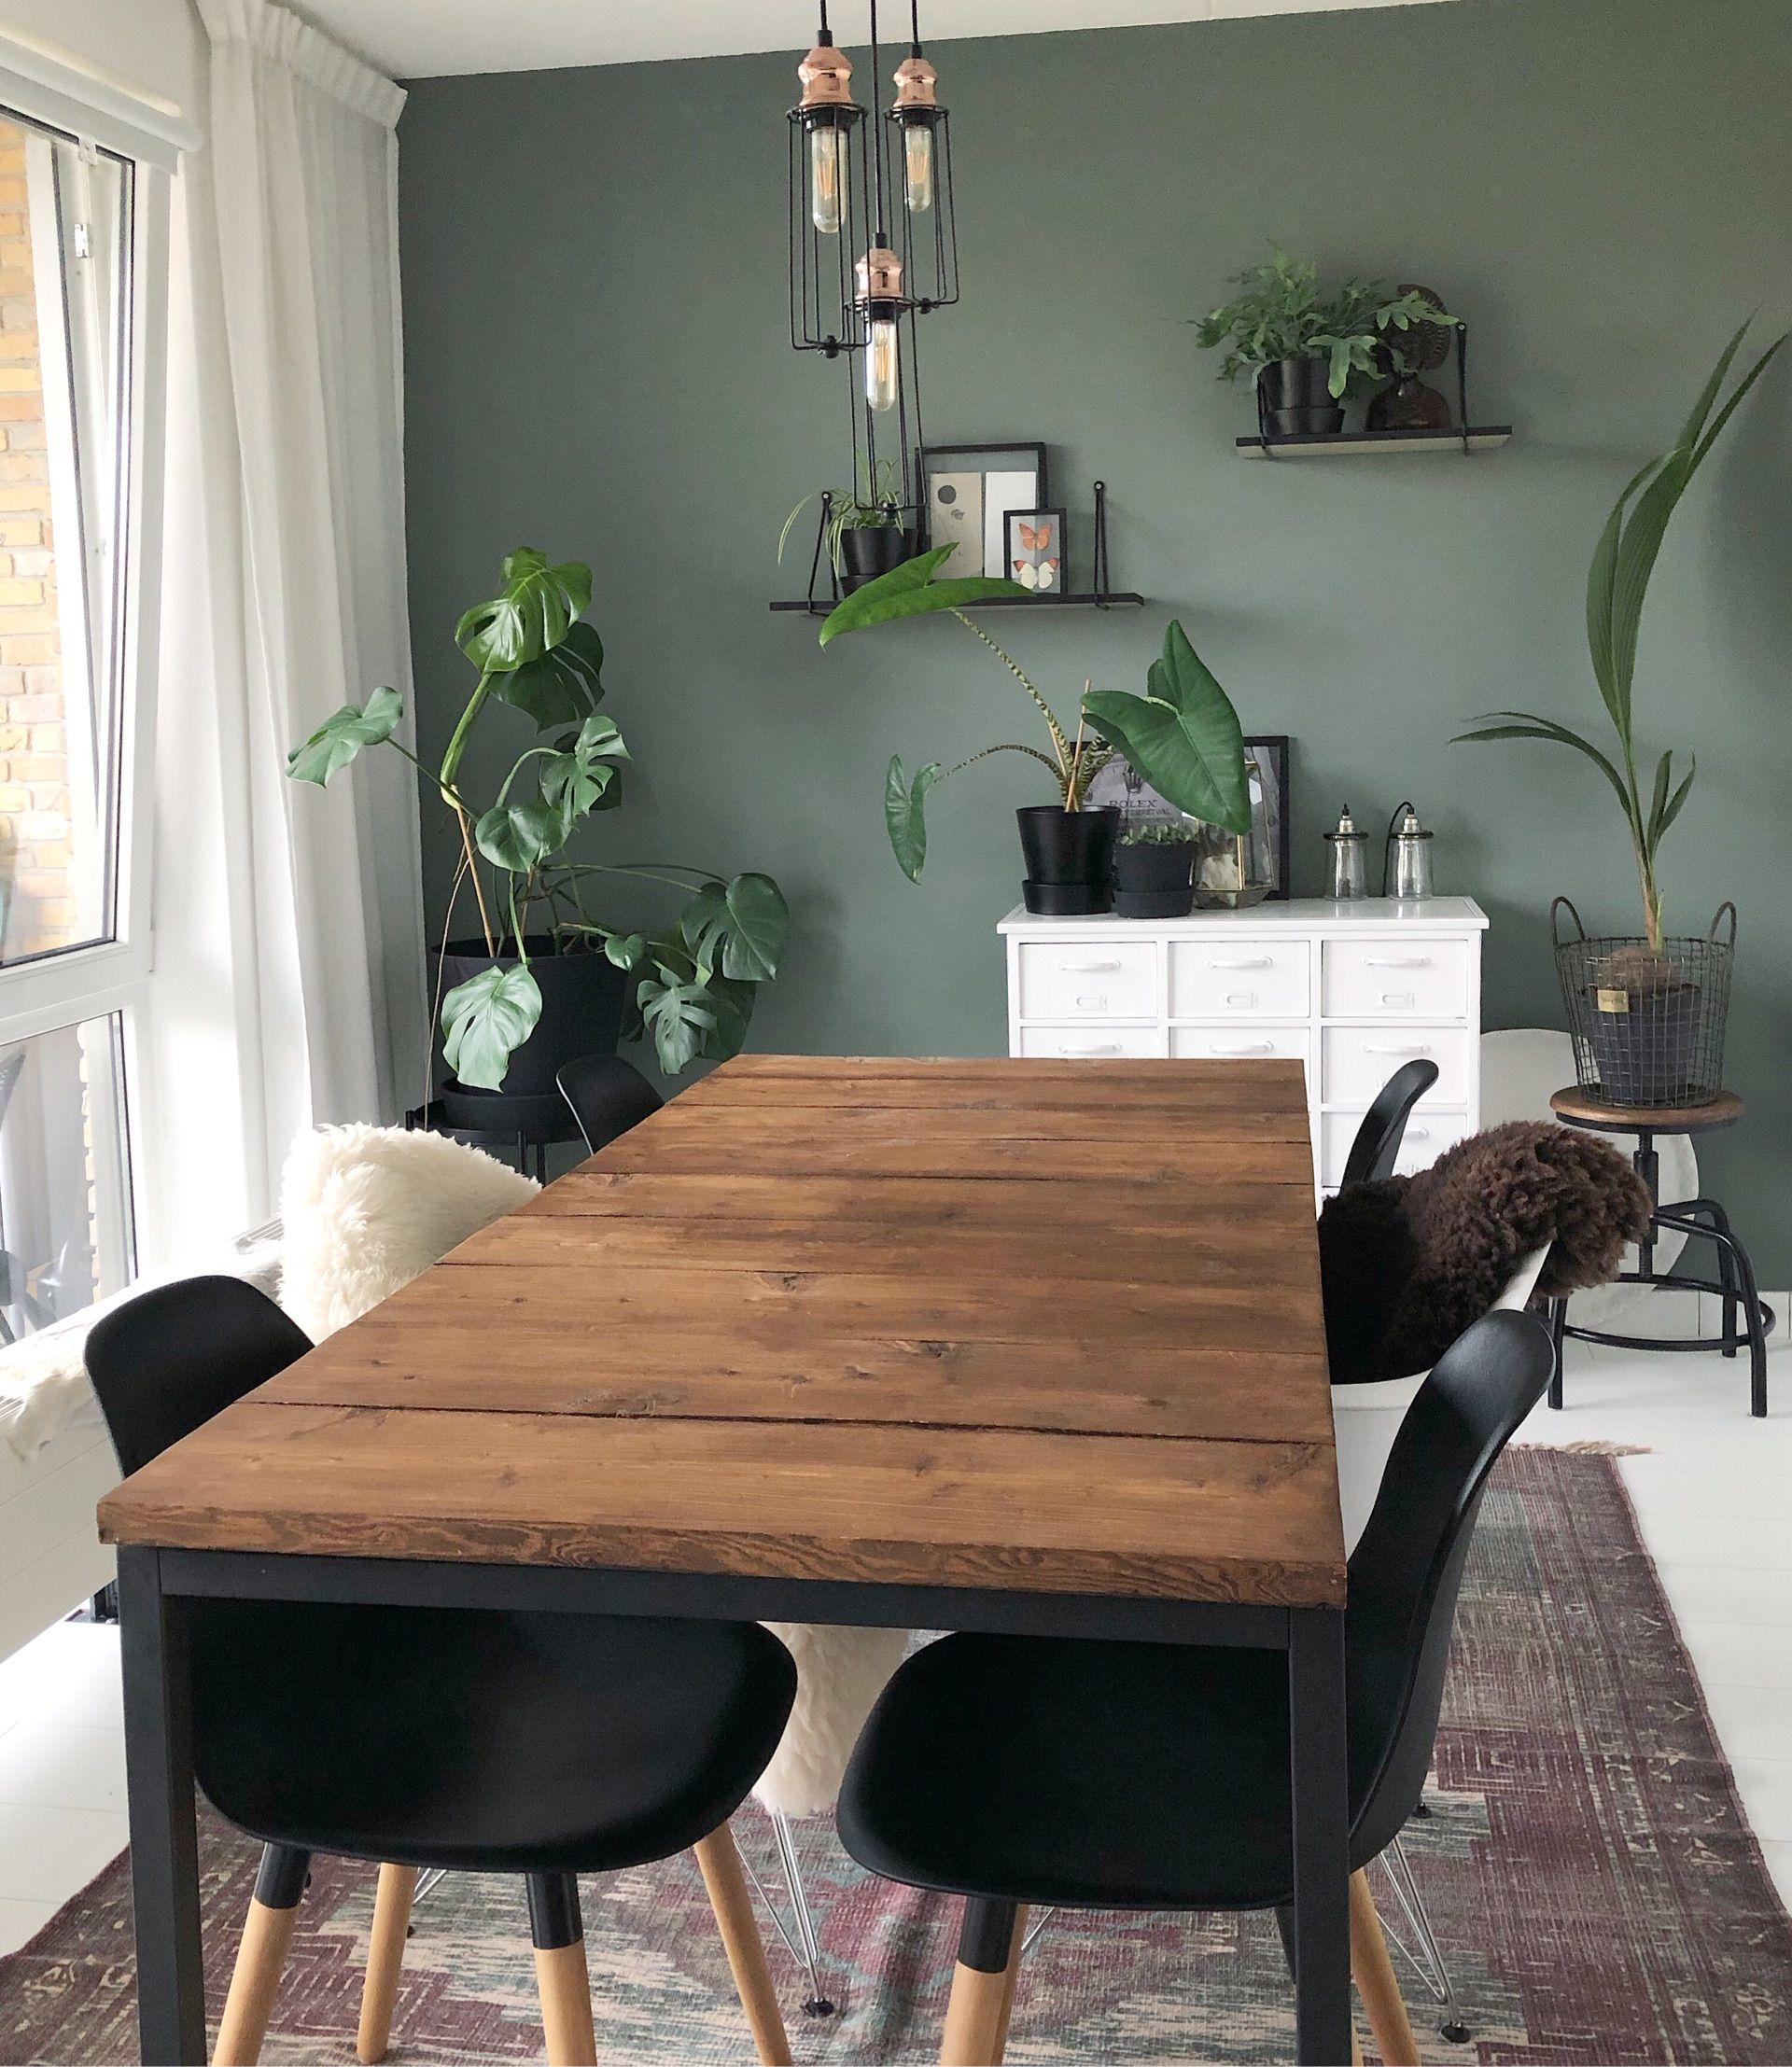 Woonkamer Binnenkijken Bij Machs Wohnzimmer Ideen Wohnung Wohnzimmer Einrichten Wohnung Wohnzimmer